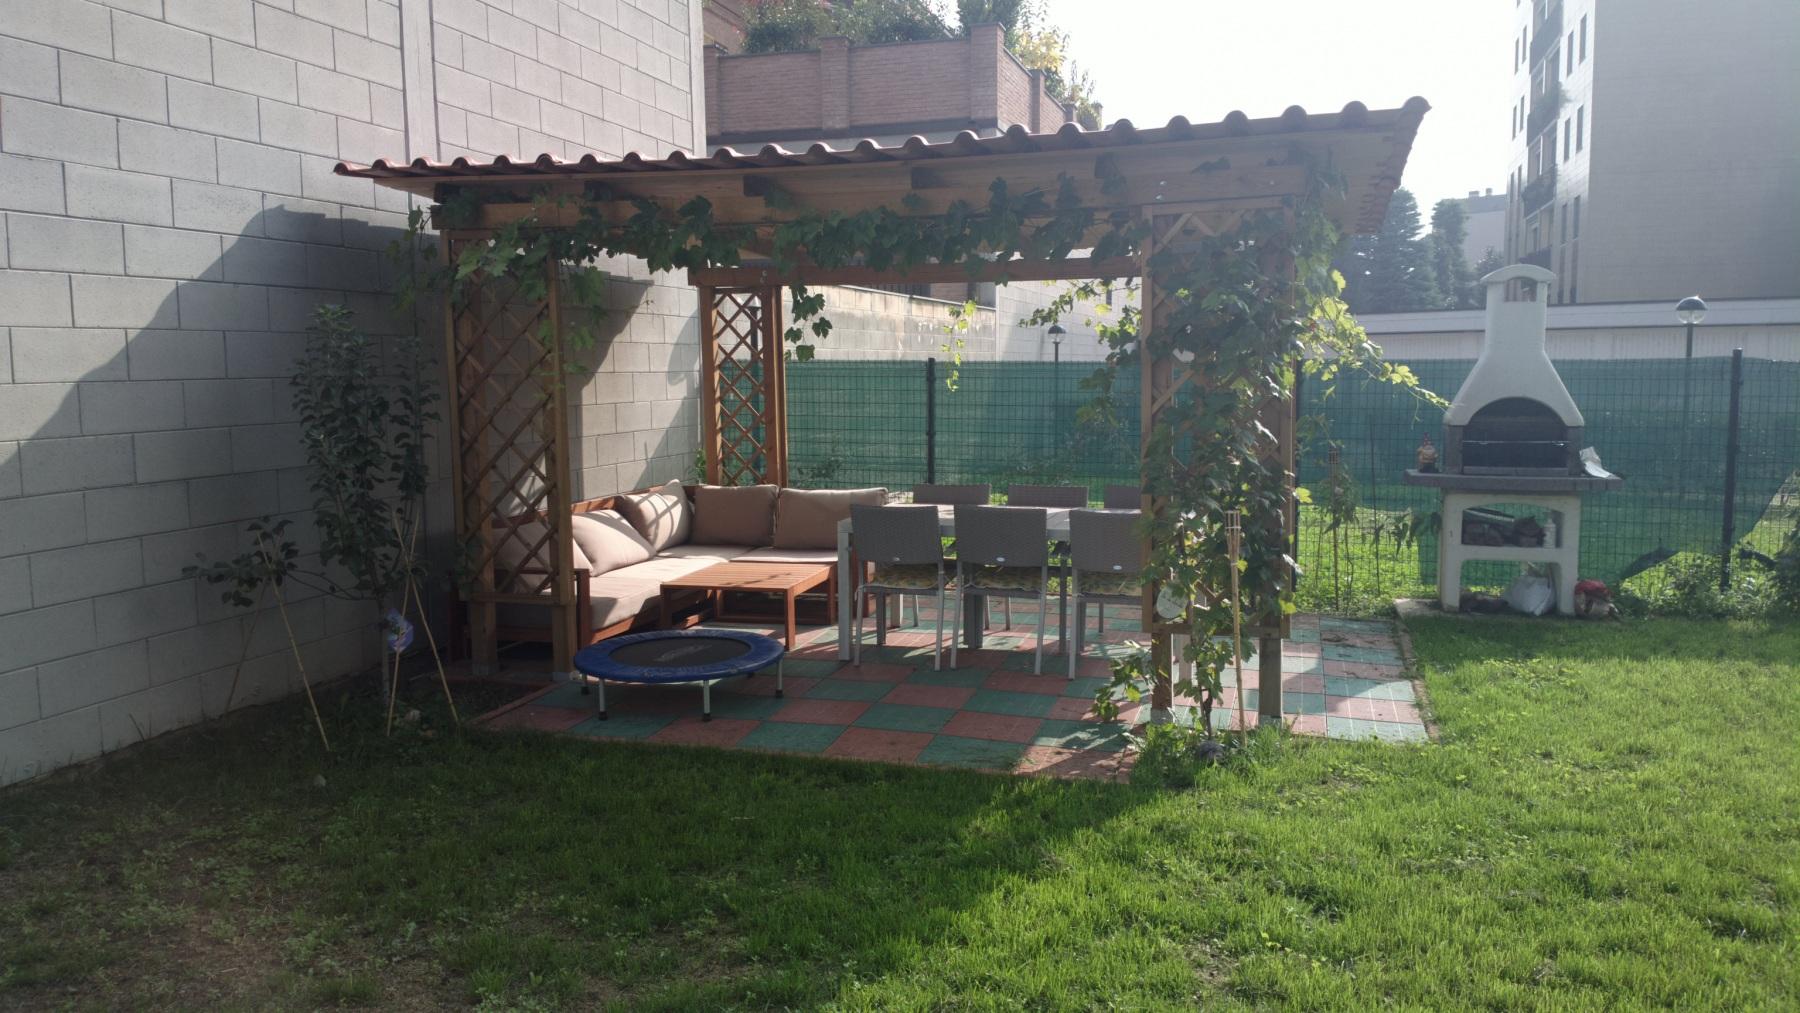 3-locali-buccinasco-con-taverna-spaziourbano-immobiliare-vende-20